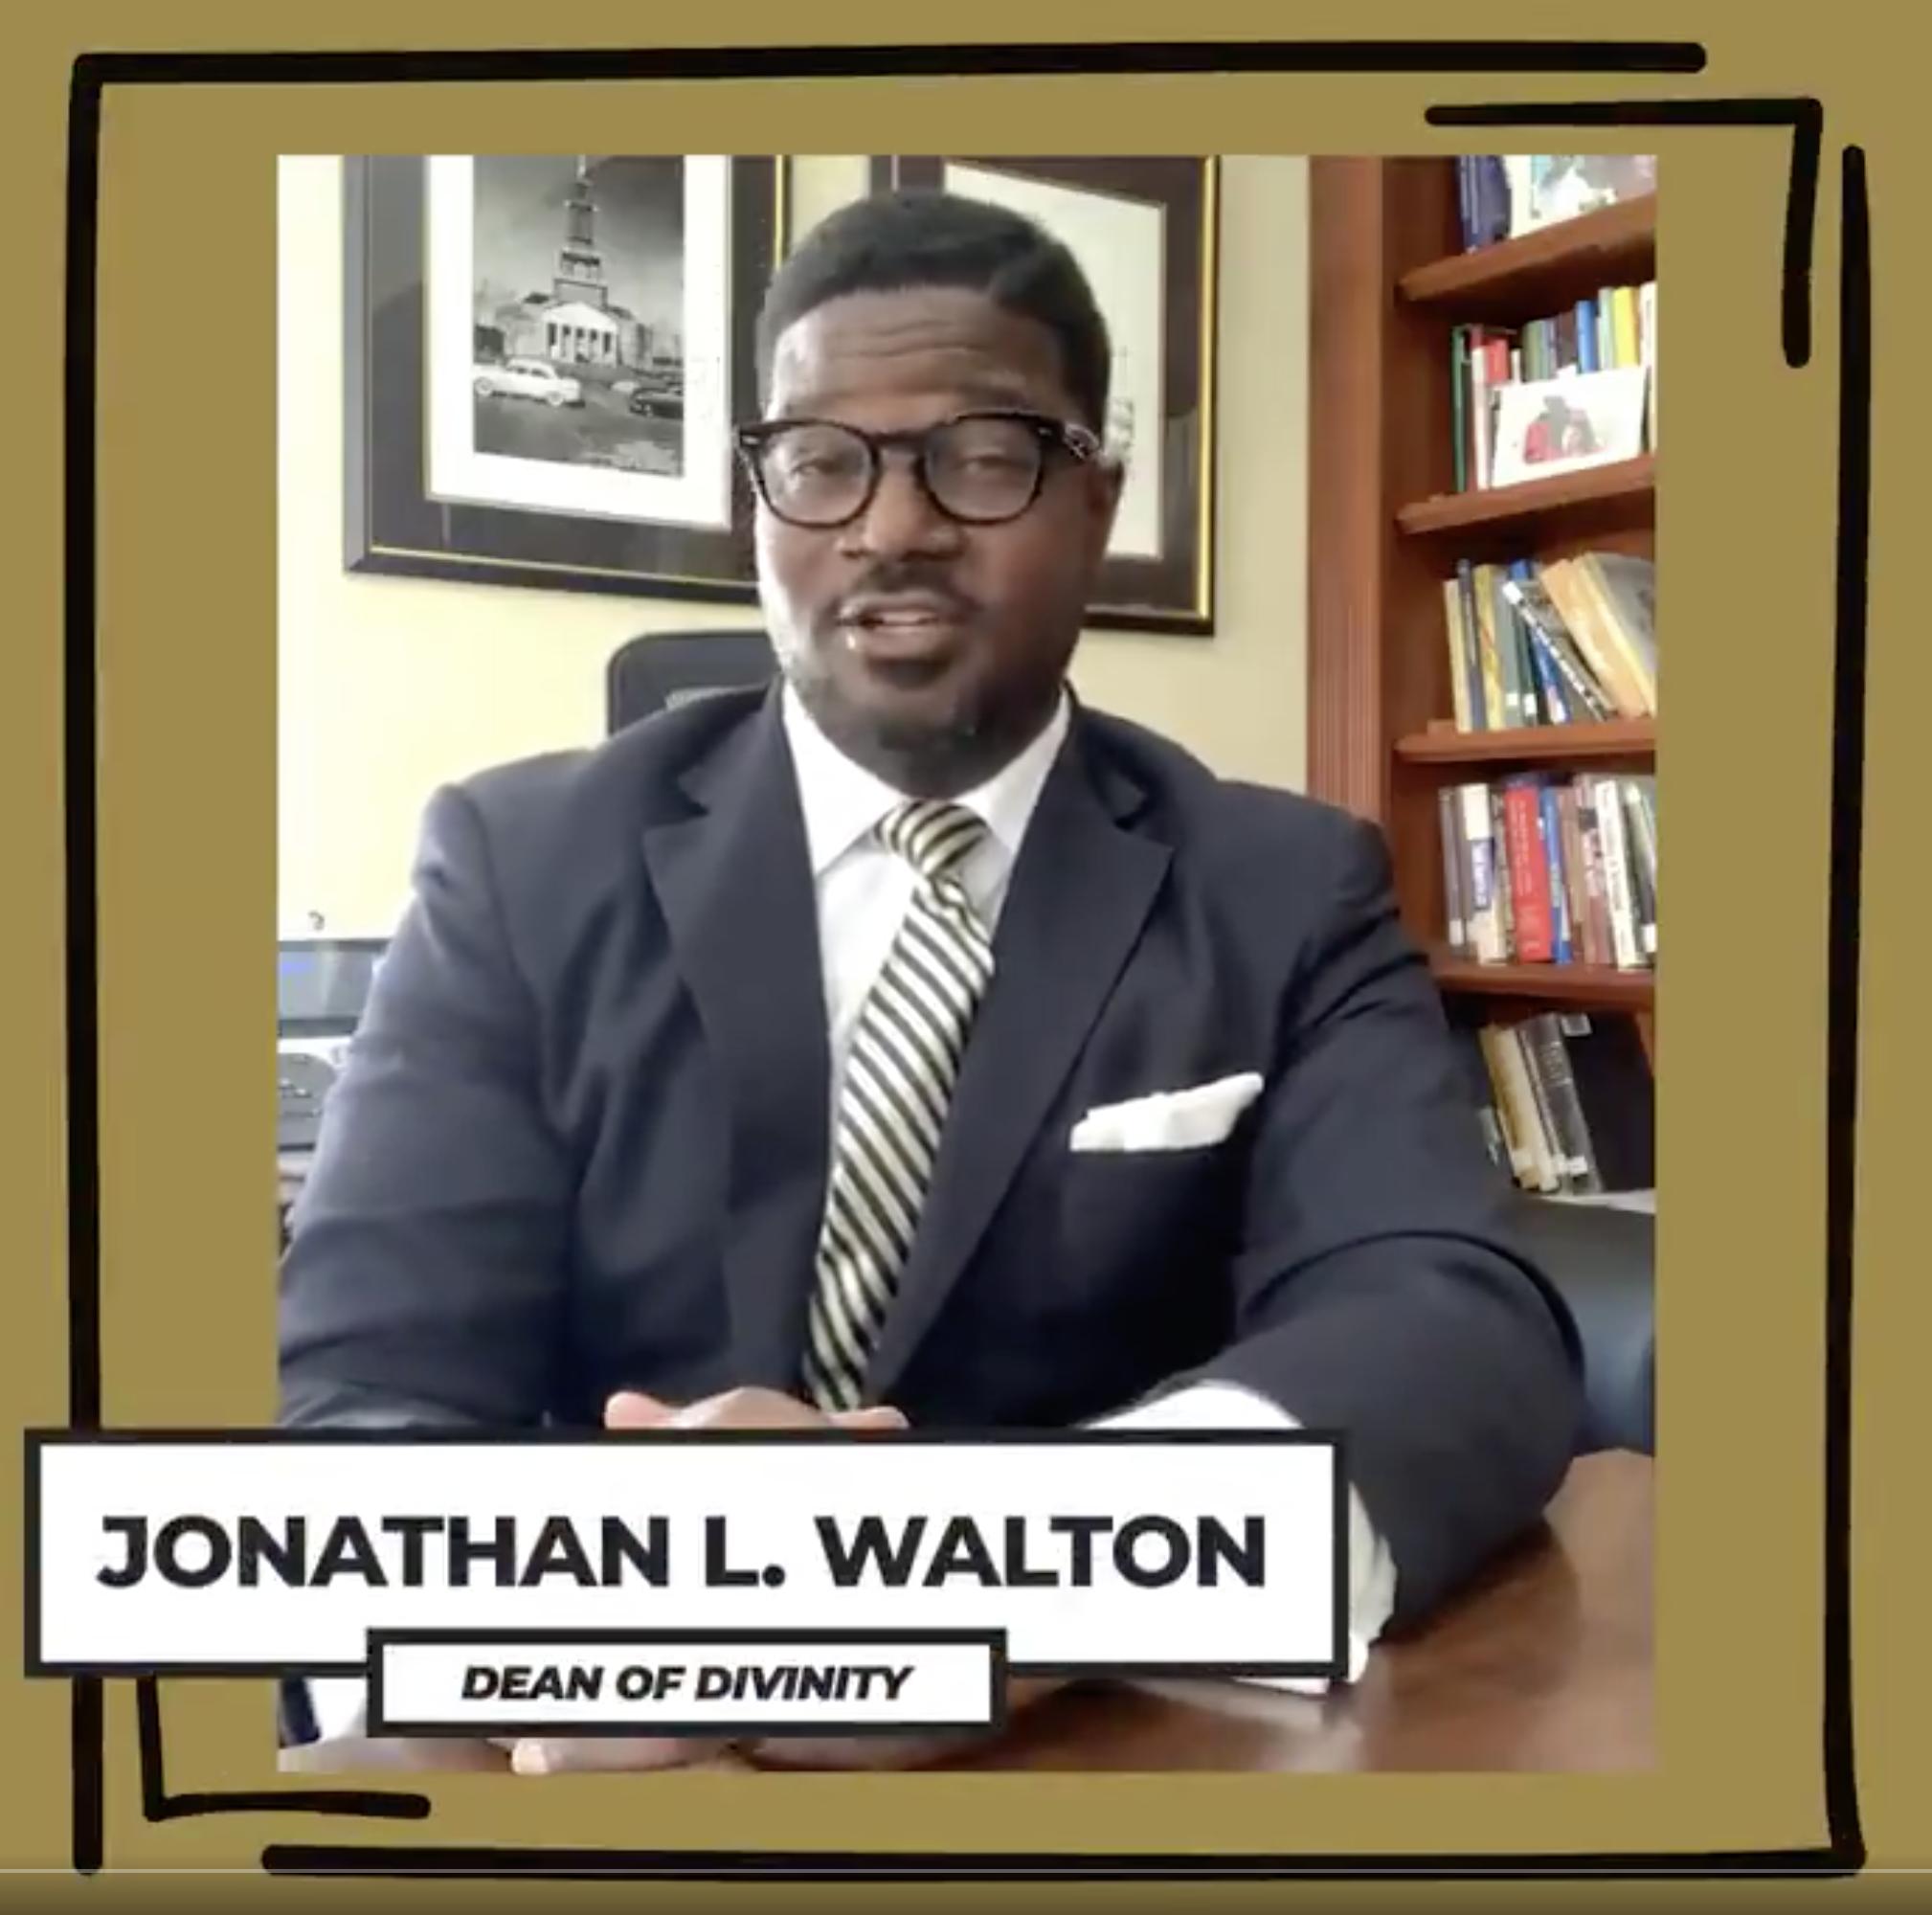 Dean Jonathan L. Walton